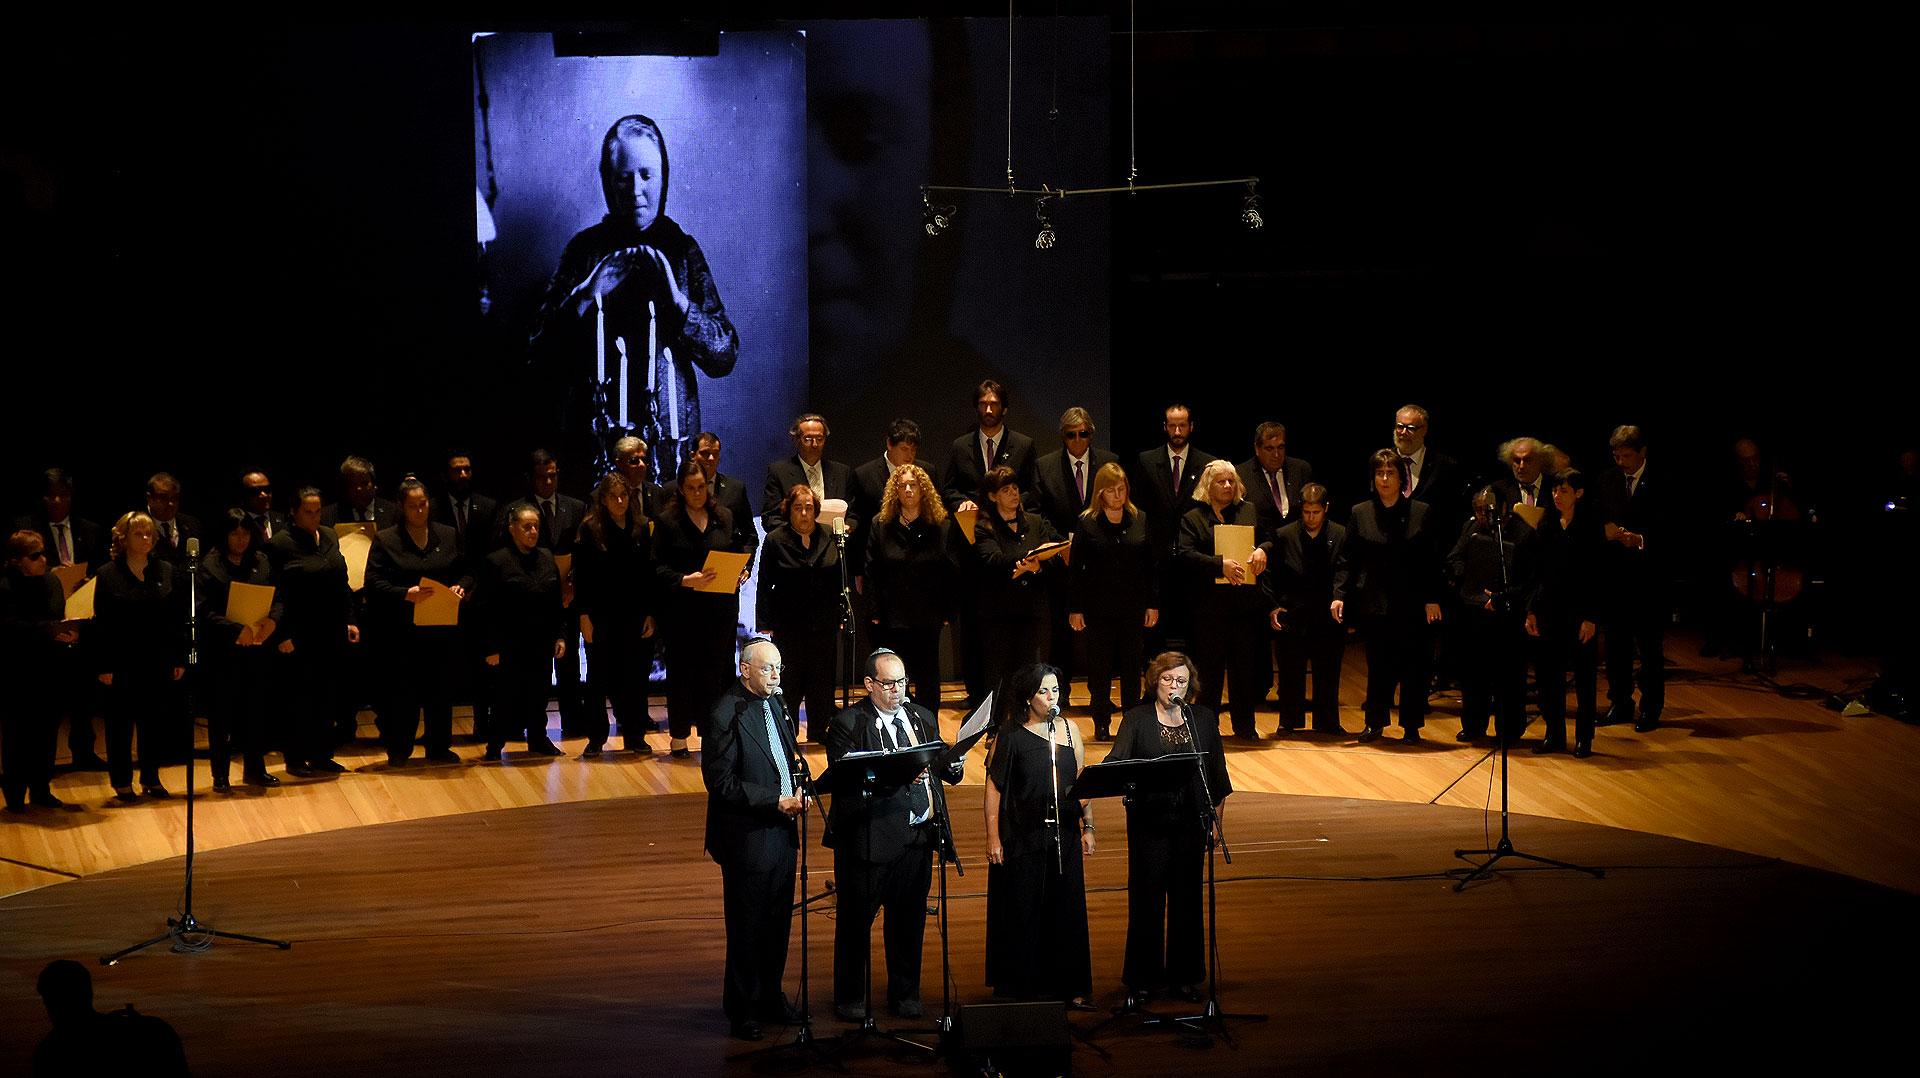 También participó el Coro Polifónico Nacional de Ciegos, dirigido por el maestro Carlos Roberto Larrimbe